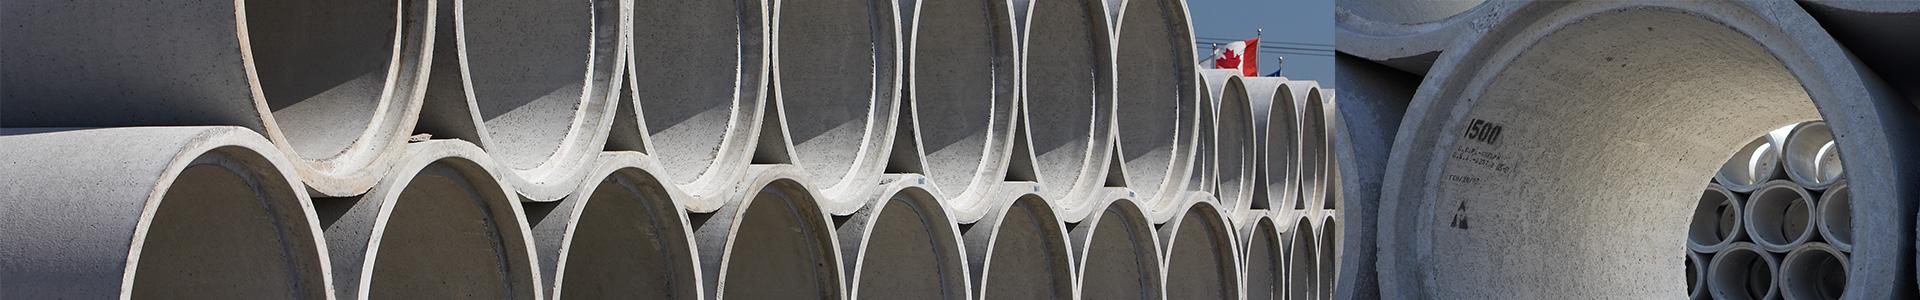 Concrete Pipe - Con Cast Pipe